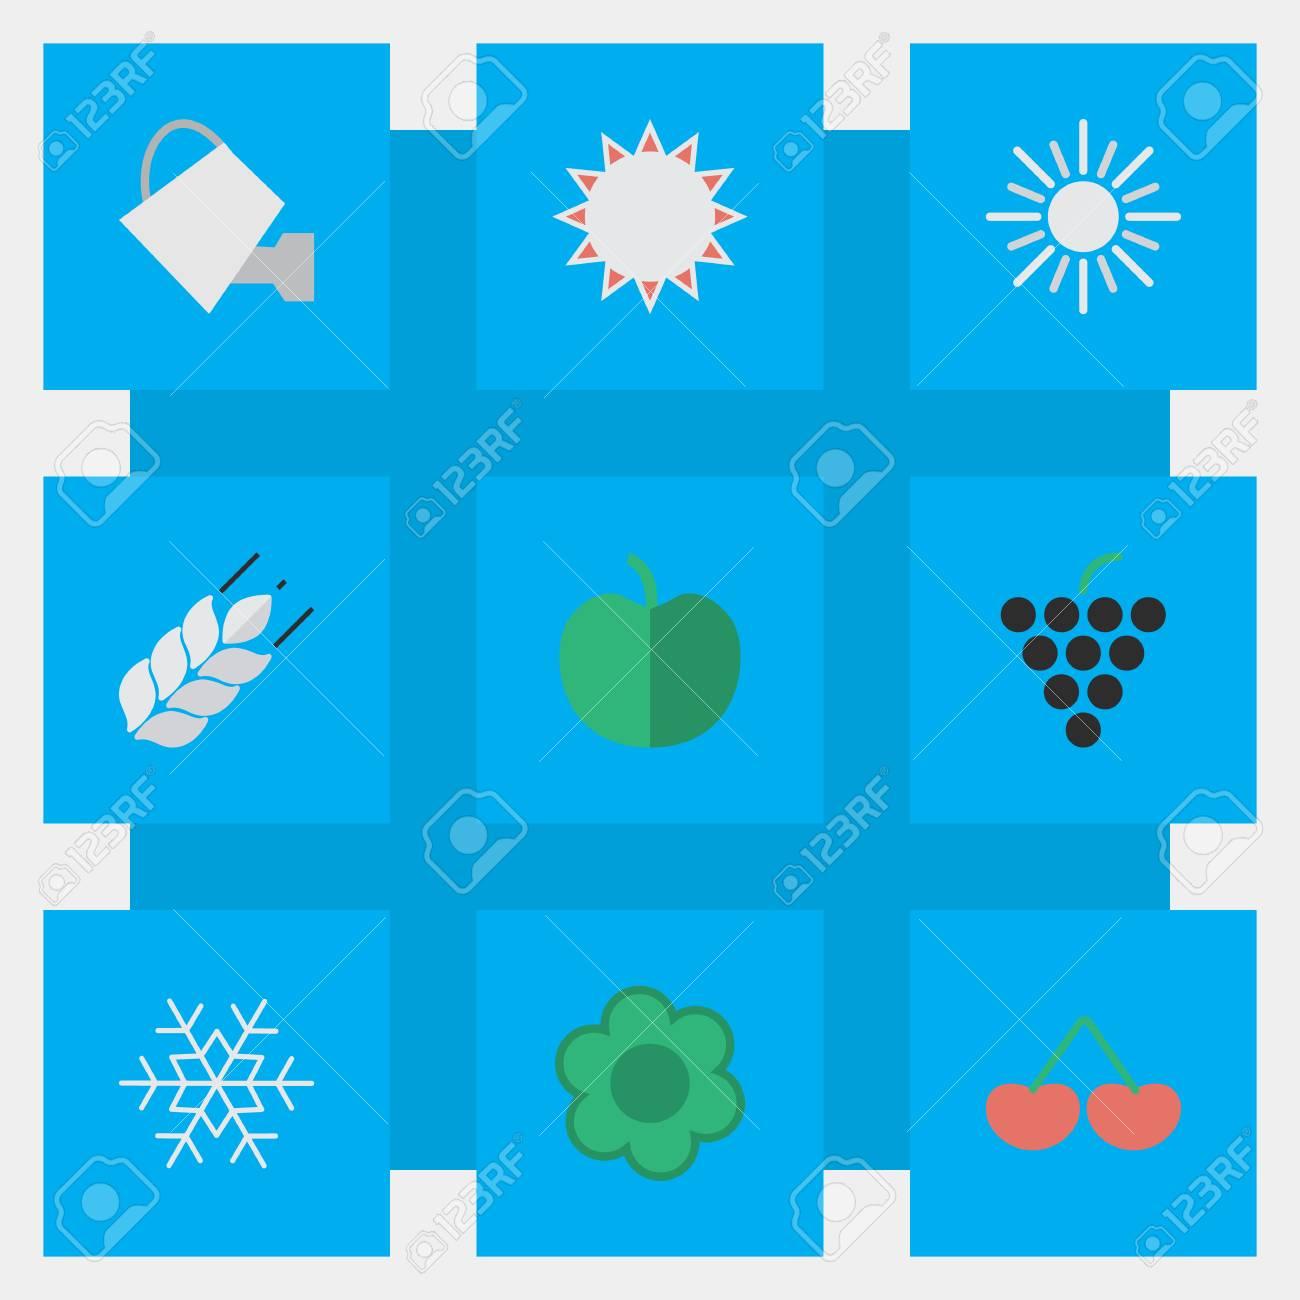 簡単な園芸アイコンのベクター イラスト セット果物の要素イラ雪や